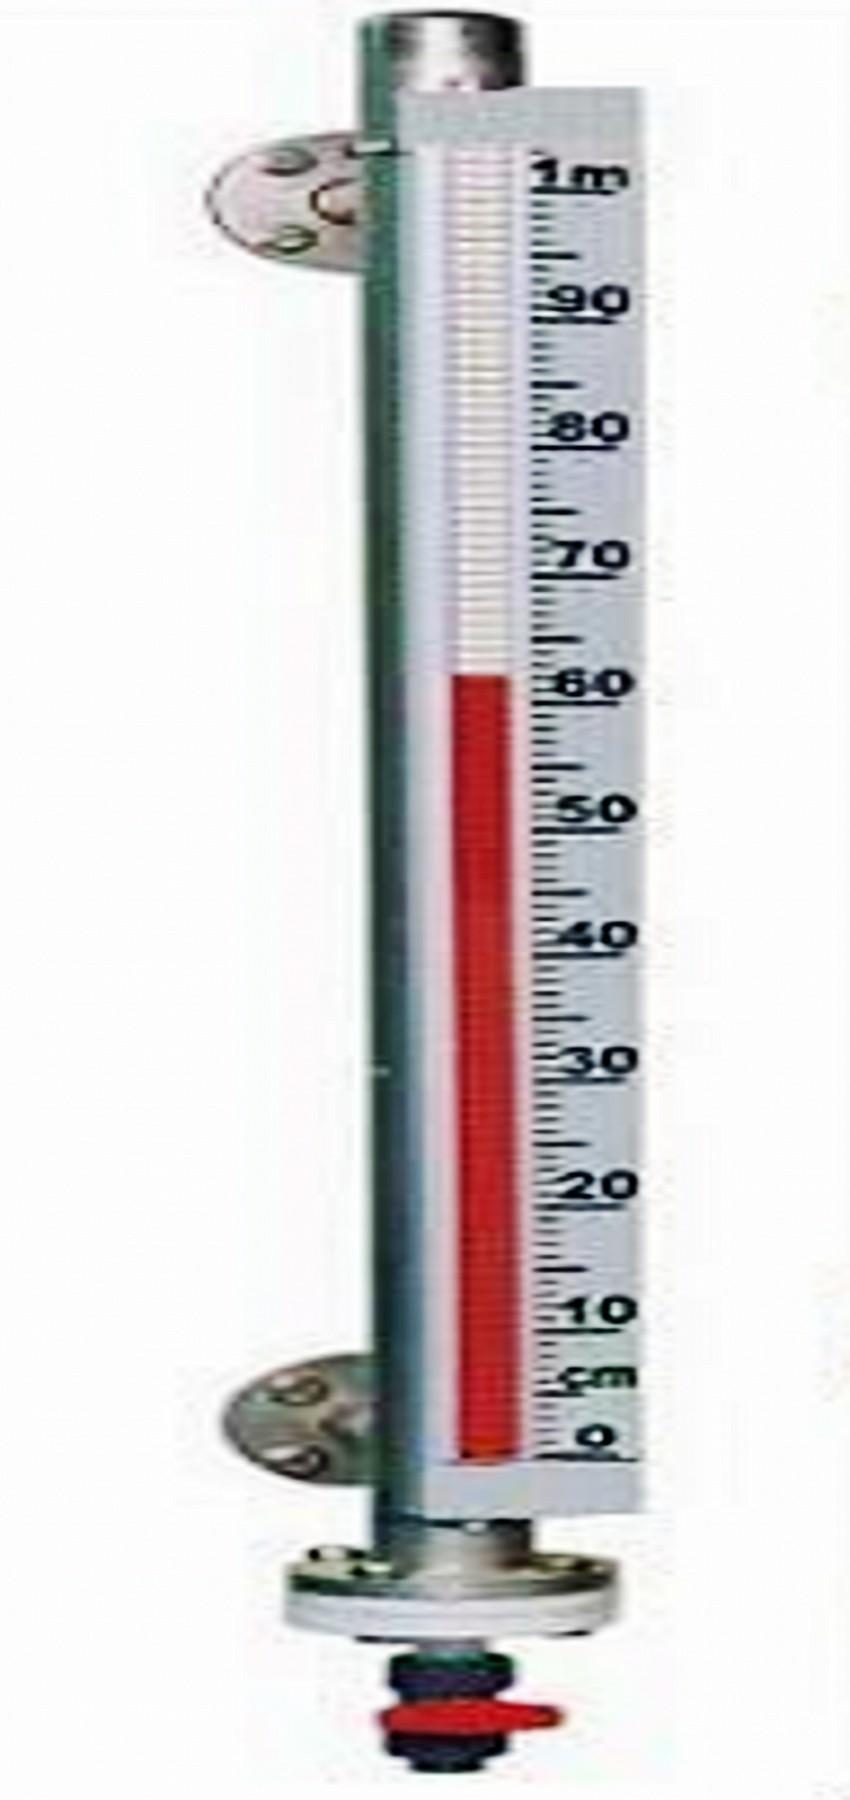 北京通用磁翻板液位计销售厂家 上海苏茂自控设备供应「上海苏茂自控设备供应」